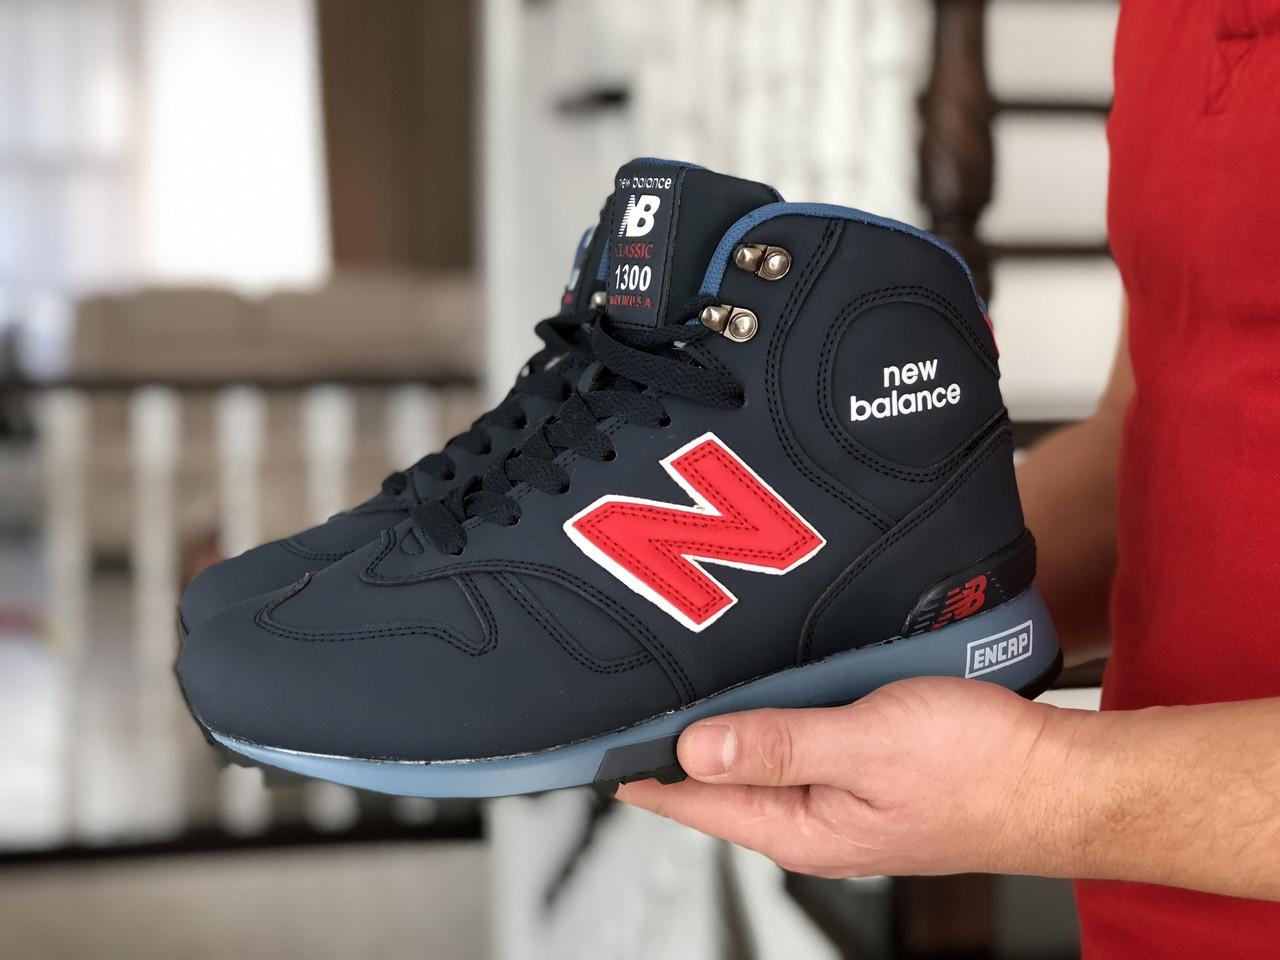 Мужские зимние кроссовки New balance 1300 (темно-синие с красным)